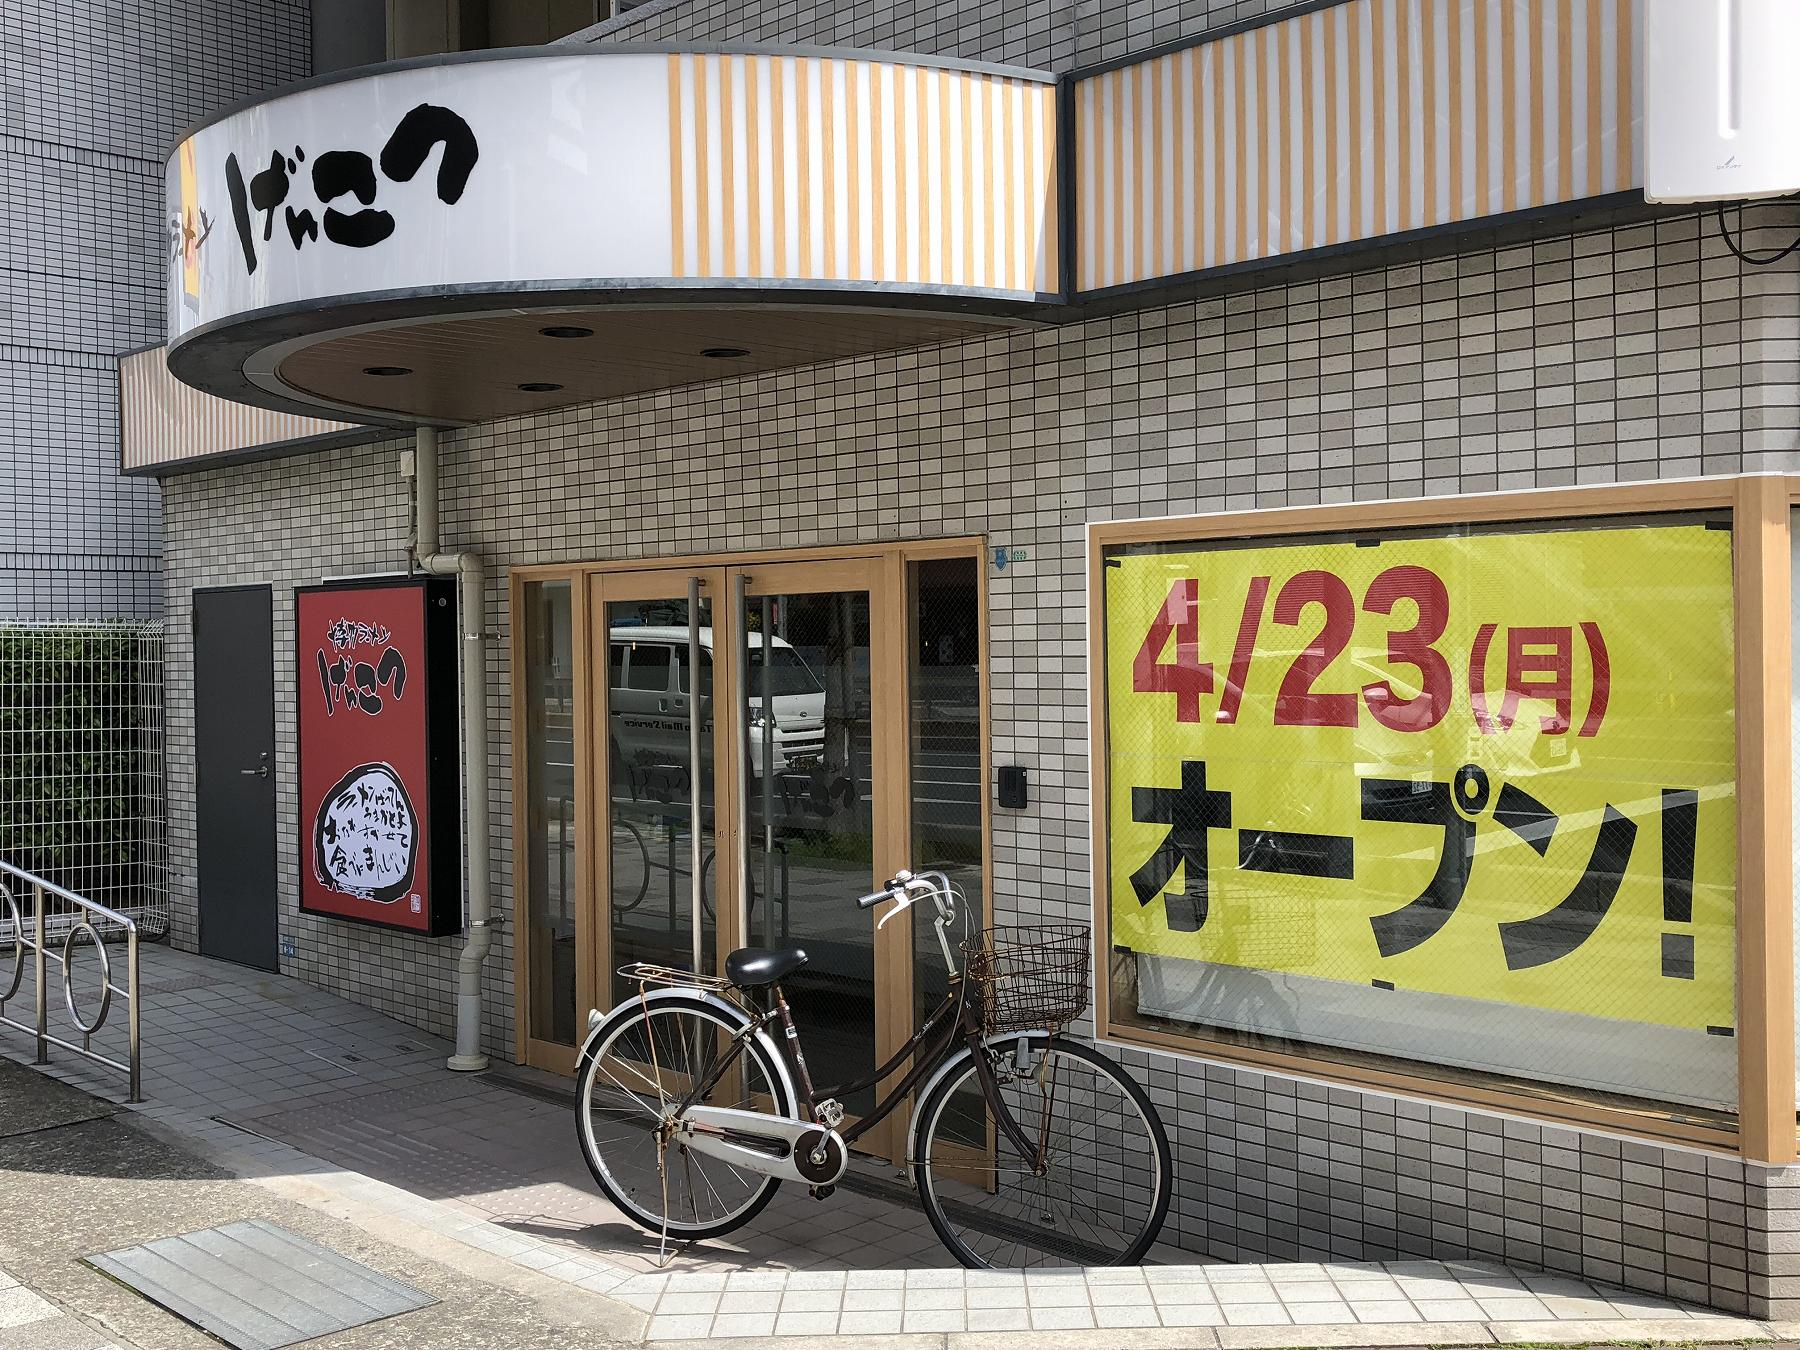 「博多ラーメン げんこつ灘店」が移転、4/23(月)新店舗オープンだよ! #博多ラーメンげんこつ #灘区 #移転オープン #ラーメン